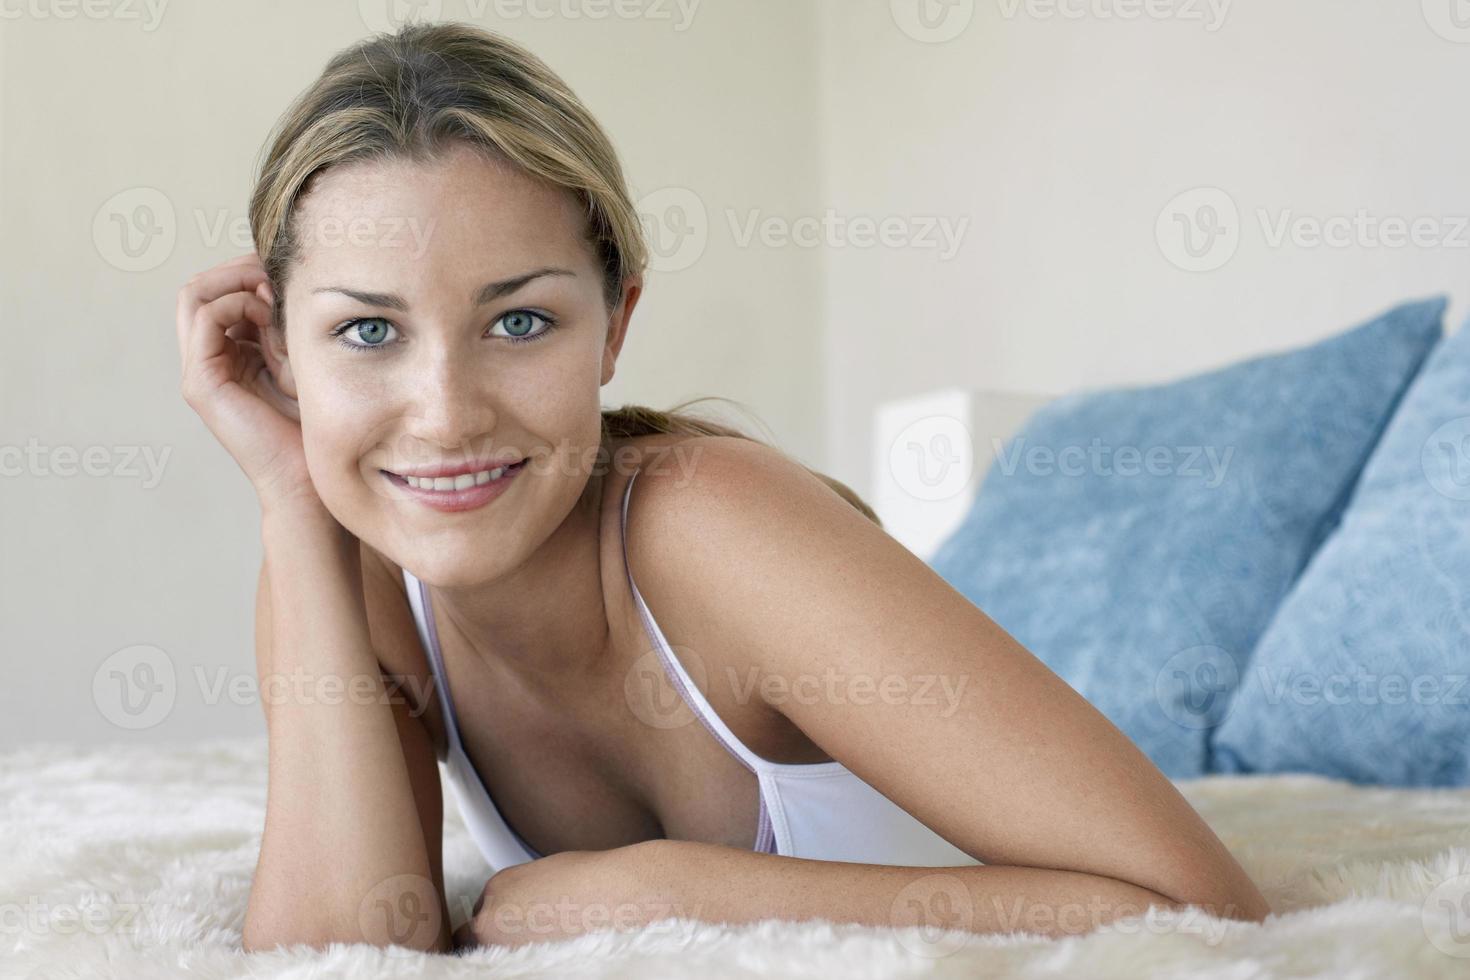 Woman Relaxing photo